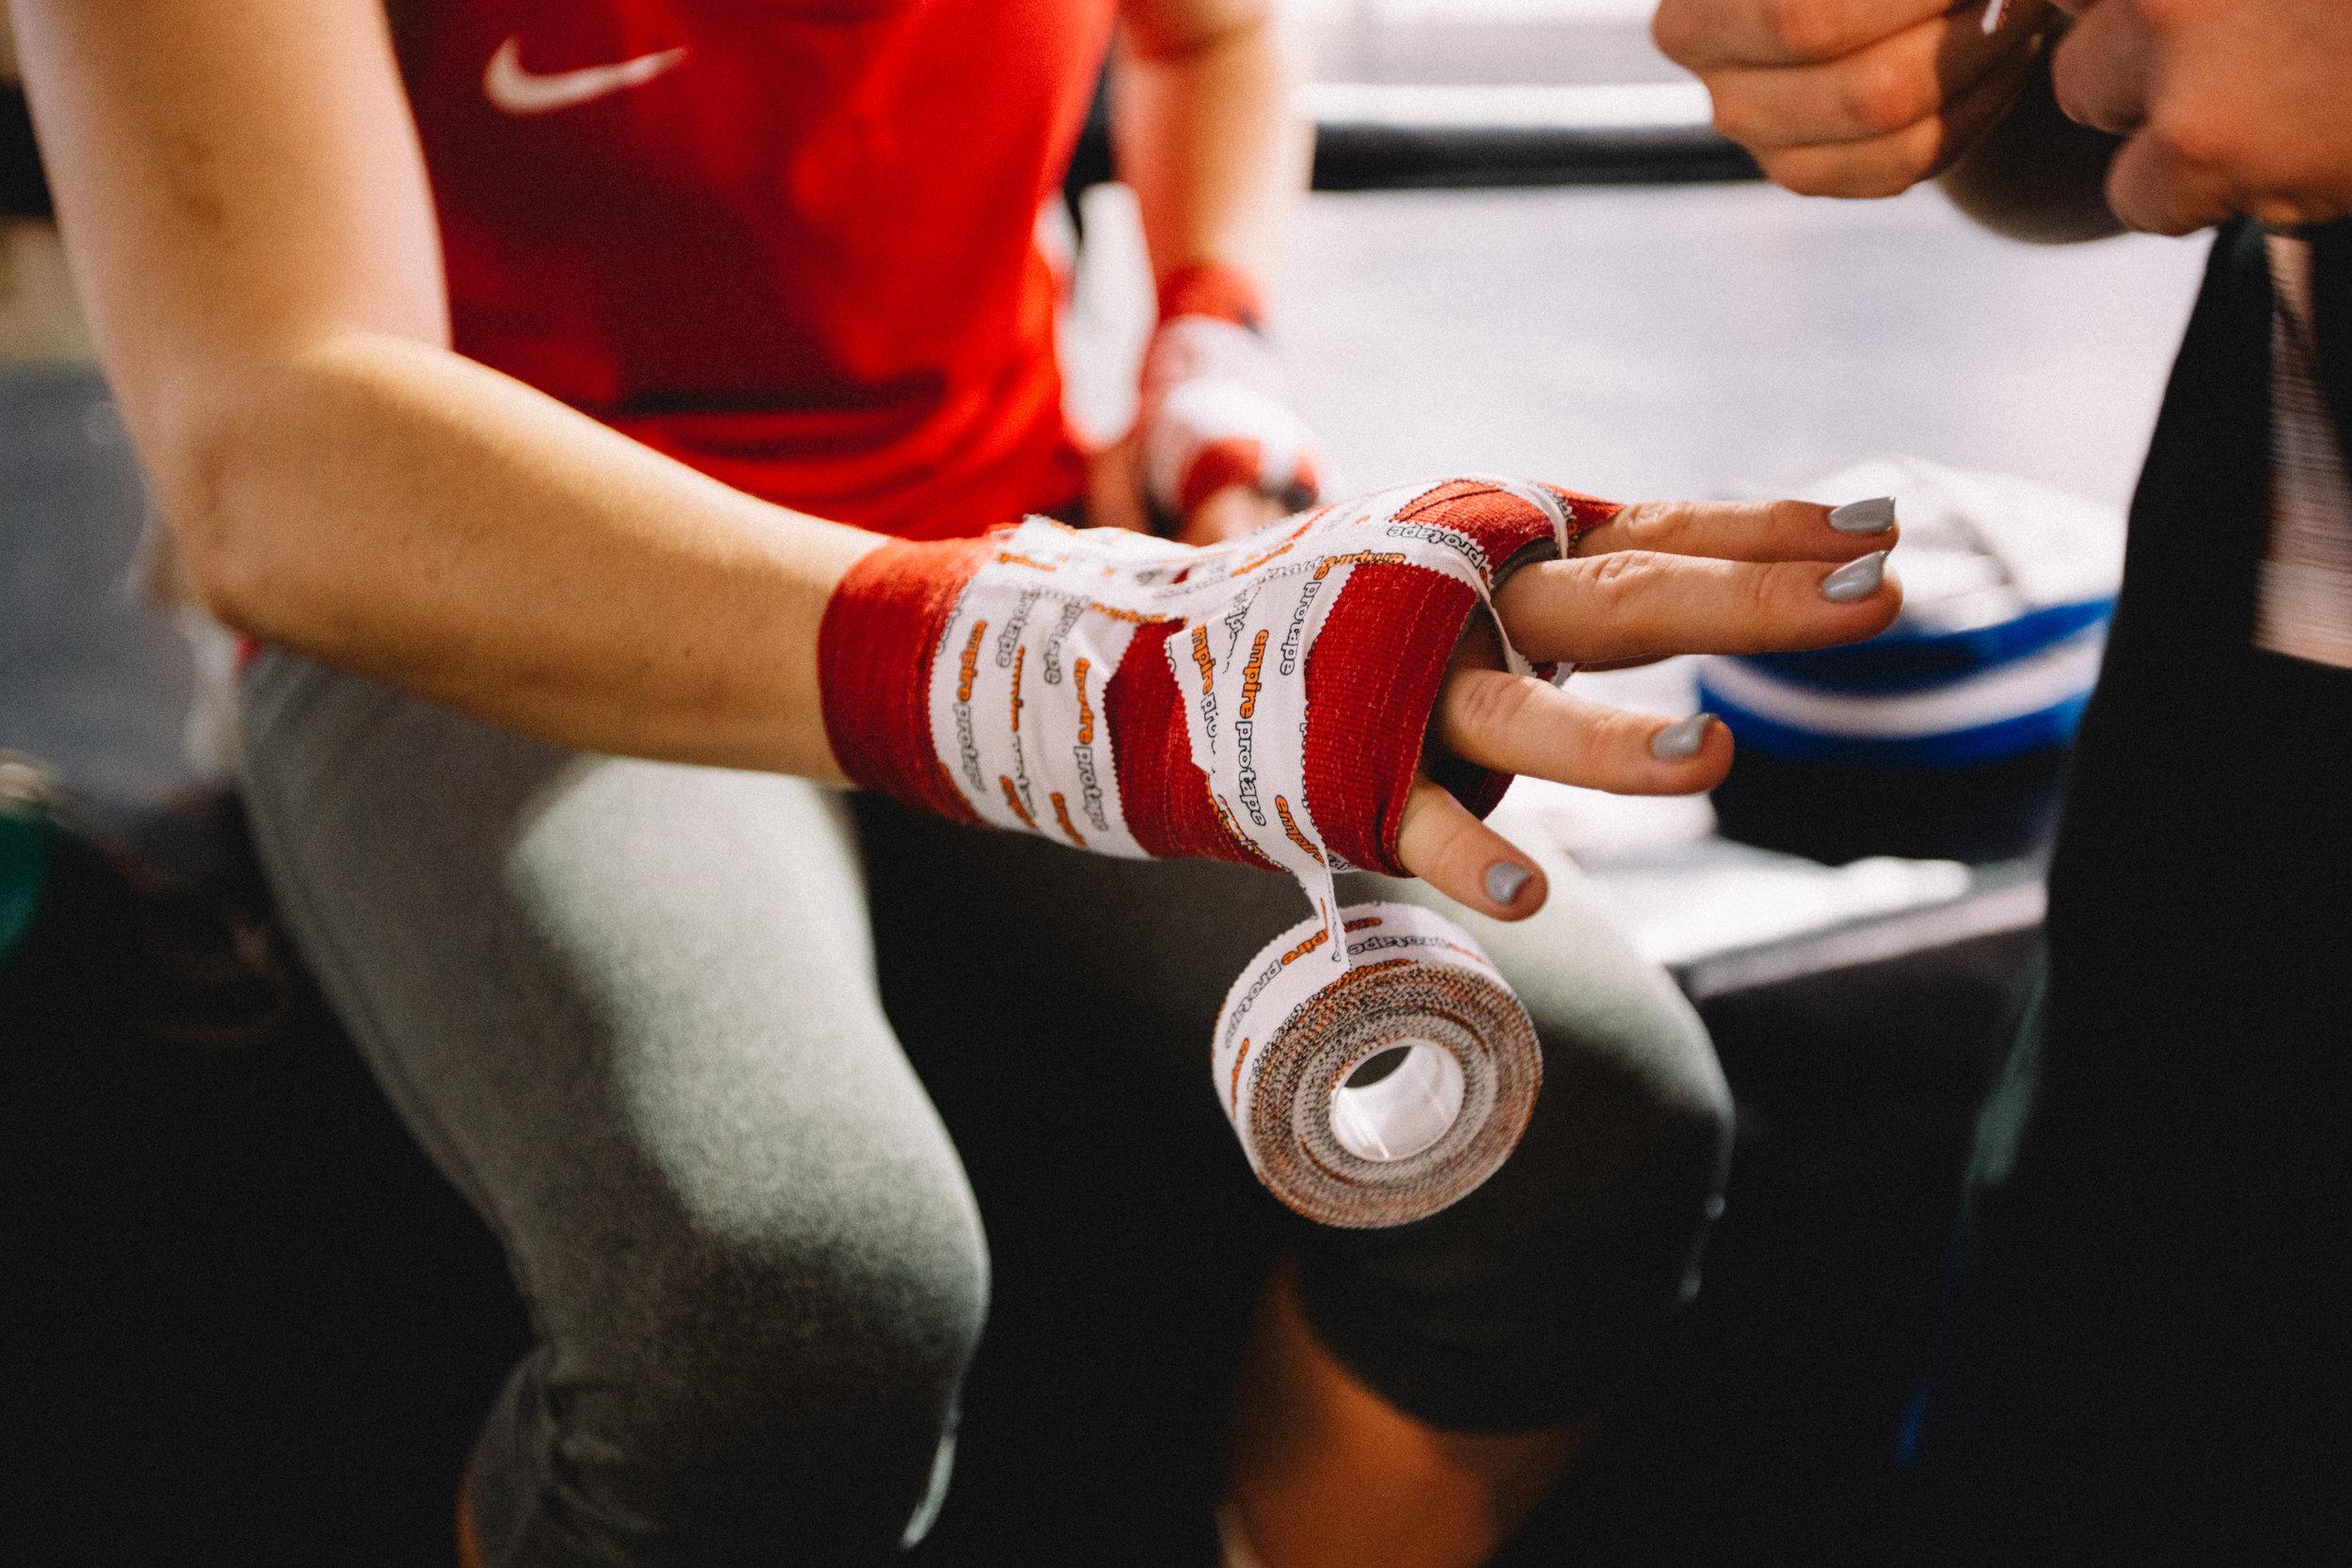 SPORTS FOR MORE e.V.   SPORTS FOR MORE e.V. wurde 2017 als Sportverein gegründet, um alle sportlichen Belange con Kick im Boxring abzudecken und den aktiven SportlerInnen eine Wettkampfteilnahme zu ermöglichen. SPORTS FOR MORE e.V. ist ein gemeinnützig anerkannter Verein und Mitglied im Berliner Boxverband.  Zudem besteht über SPORTS FOR MORE e.V. die Möglichkeit eine Fördermitgliedschaft einzugehen oder eine einmalige Spende zu tätigen und damit direkt die Arbeit von KICK im Boxring nachhaltig zu stabilisieren und stetig auszubauen.